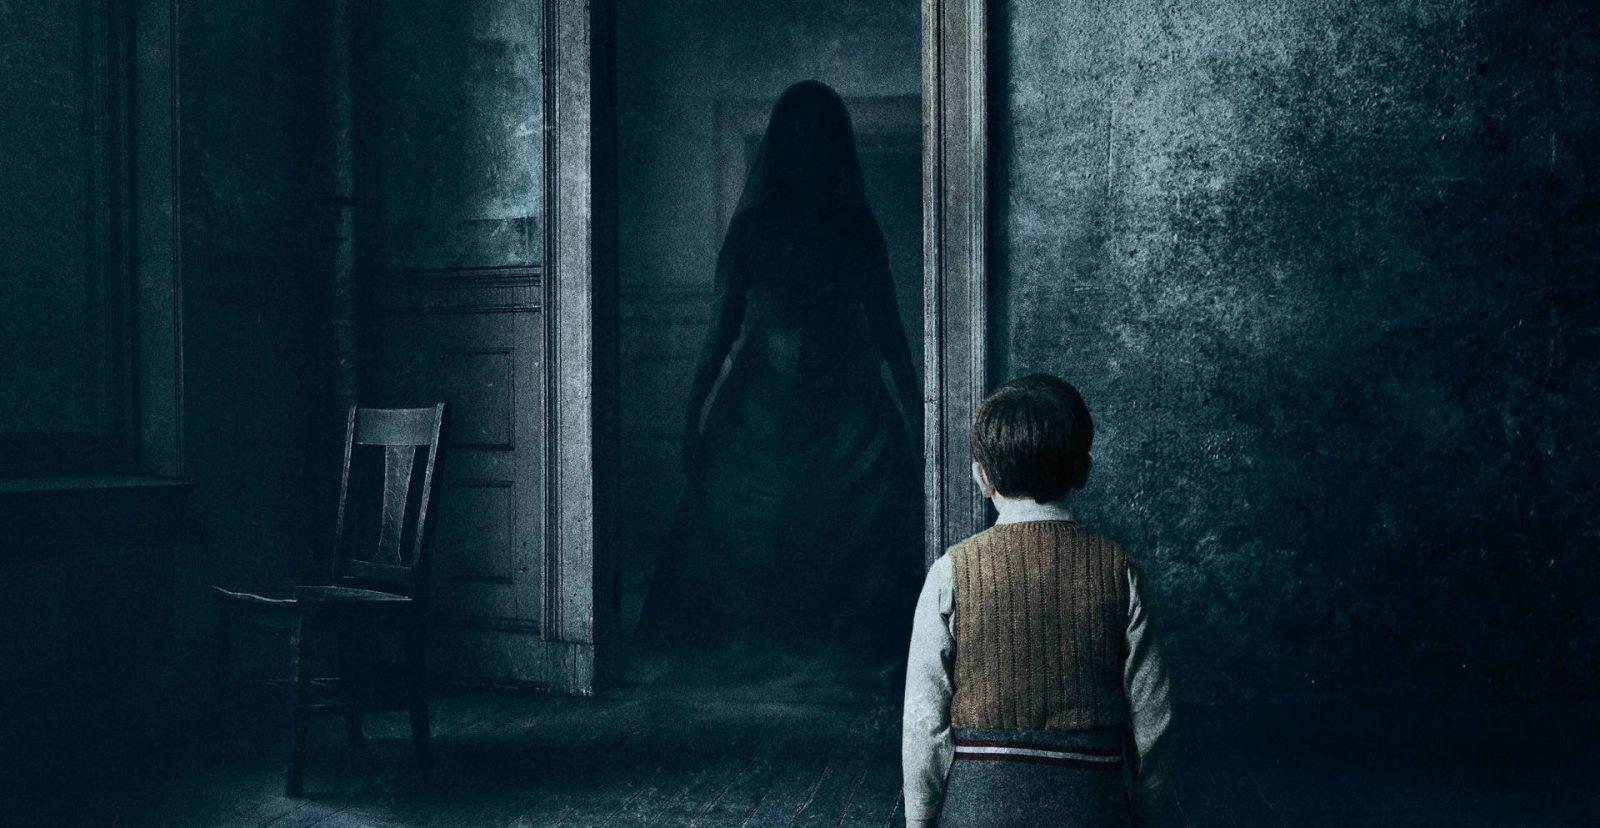 Karanlıktan Gelen Gerçek Evden ve Odadan Kaçış Oyunu